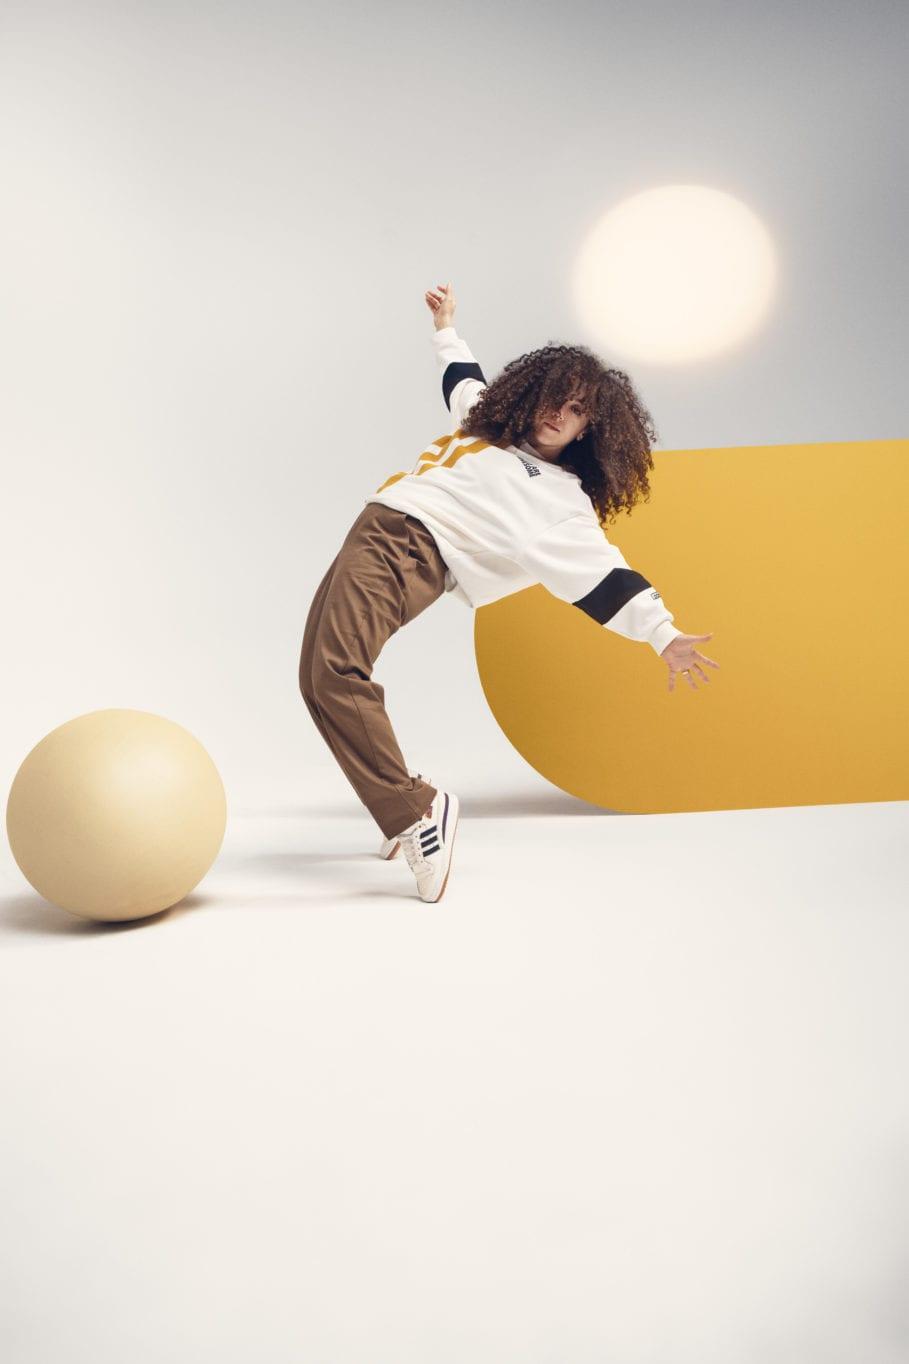 アディダス オリジナルス × ガールズ アー オーサム コレクション adidasxGirlsAreAwesome_CrewSweater-White